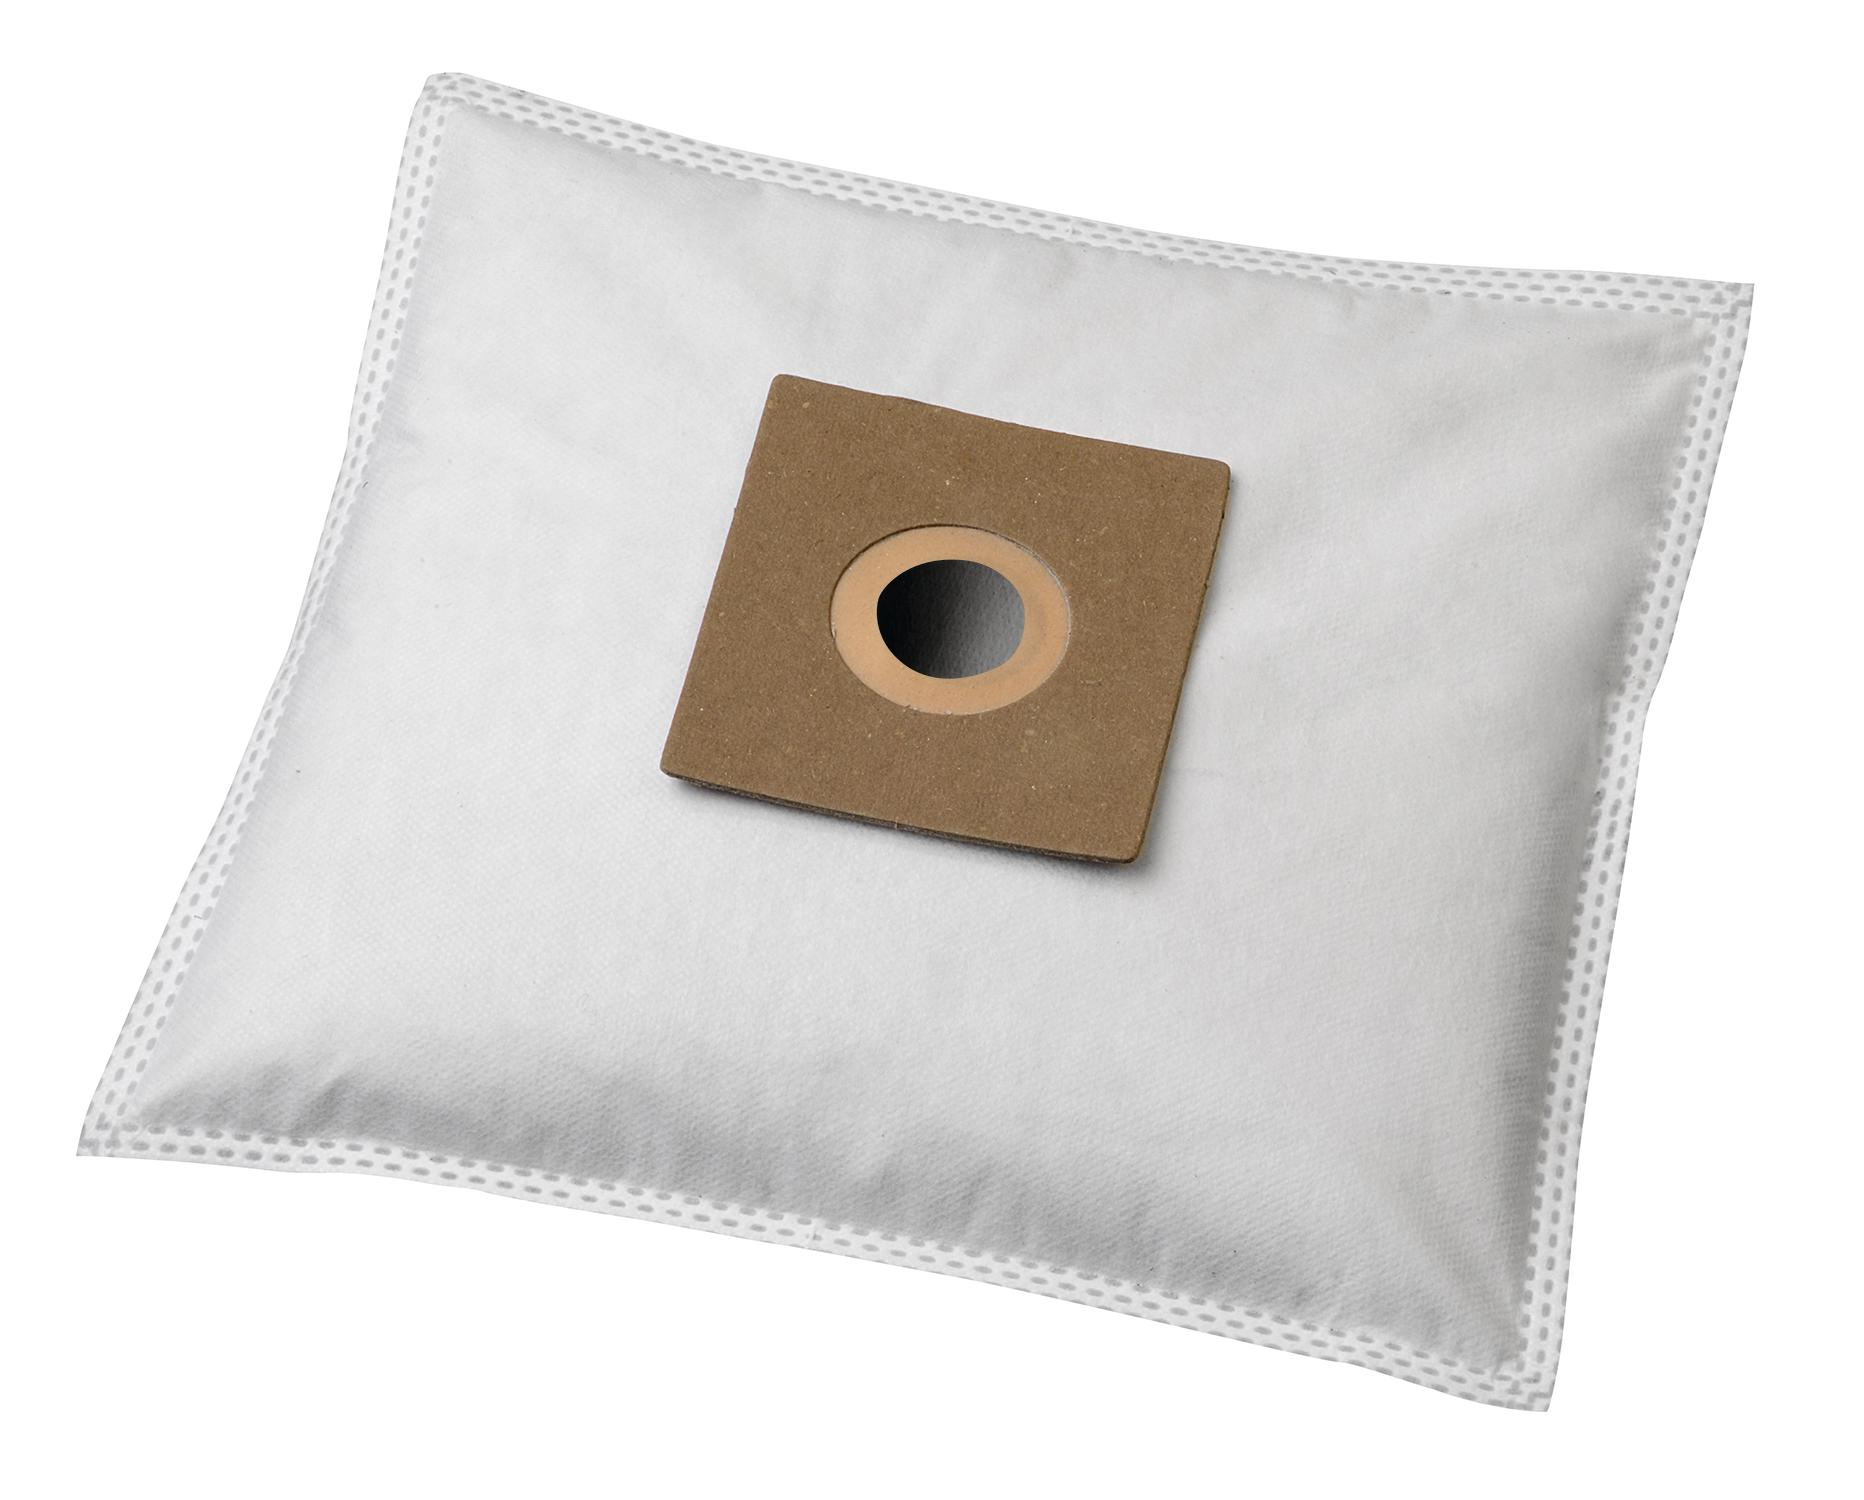 KOMA sáčky ETA Onyx 1466 textilní 5 ks + 1 mikrofiltr Balení: Balení v krabičce